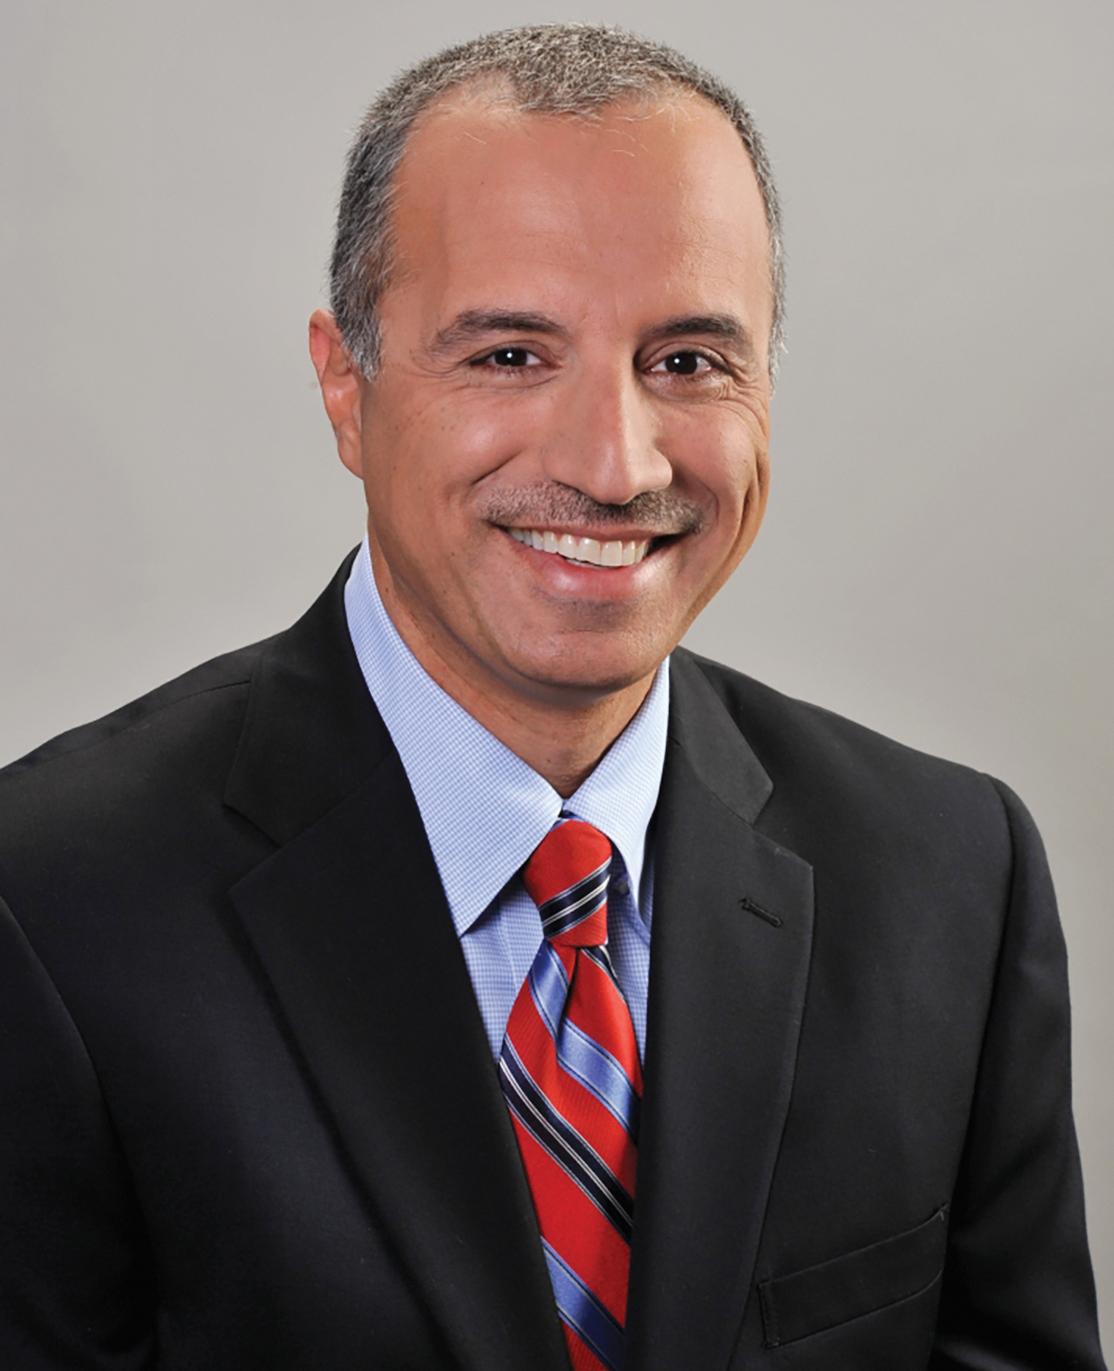 Bahjat Shariff